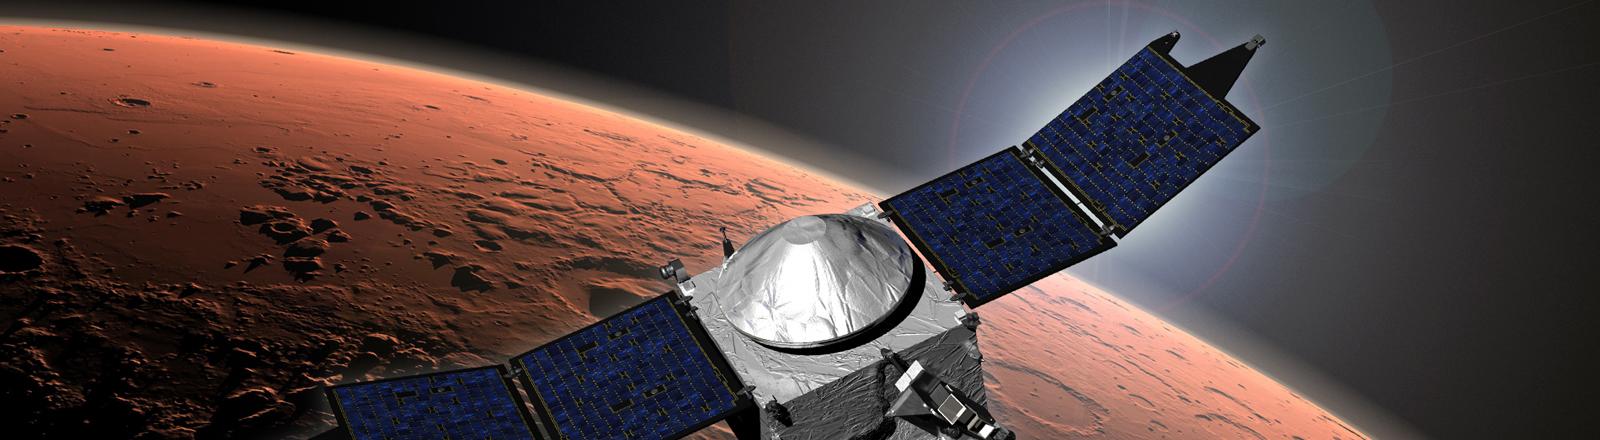 """Eine grafische Darstellung zeigt die US-Forschungssonde """"Maven"""" im Orbit des Mars."""